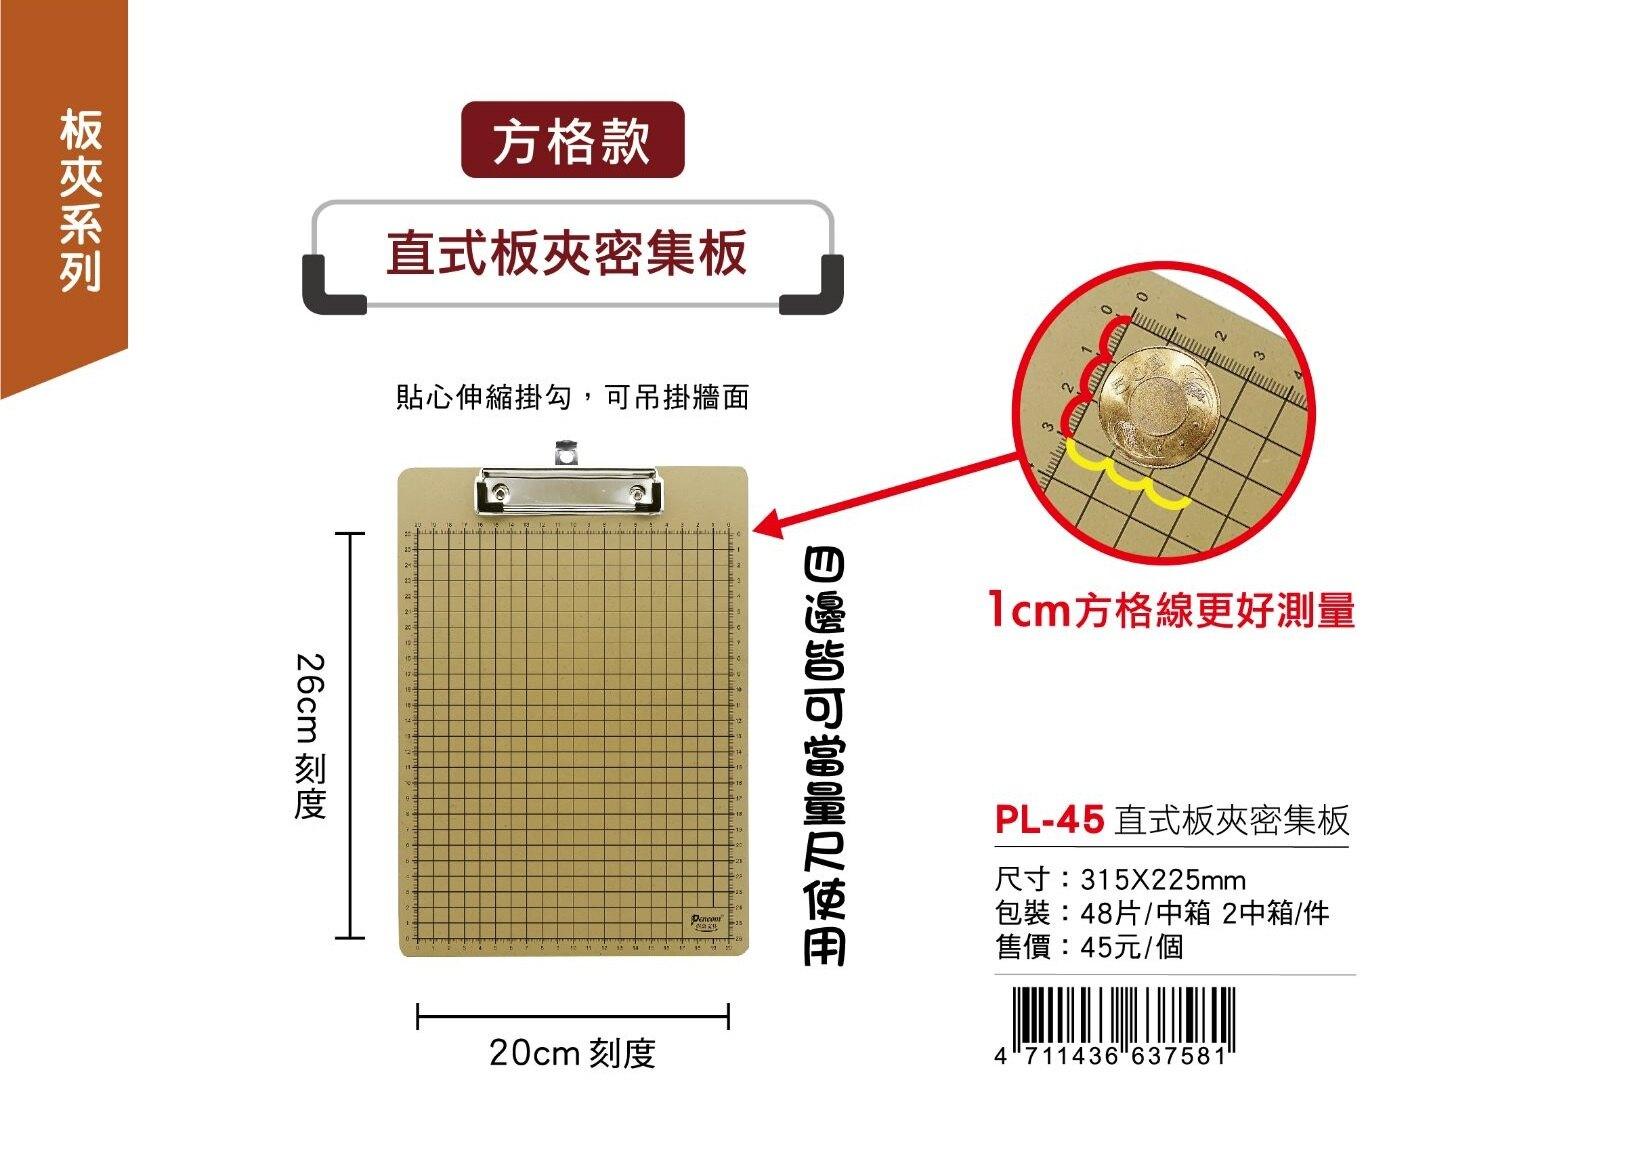 Pencom 尚禹 PL-45 刻度直式板夾密集板 A4